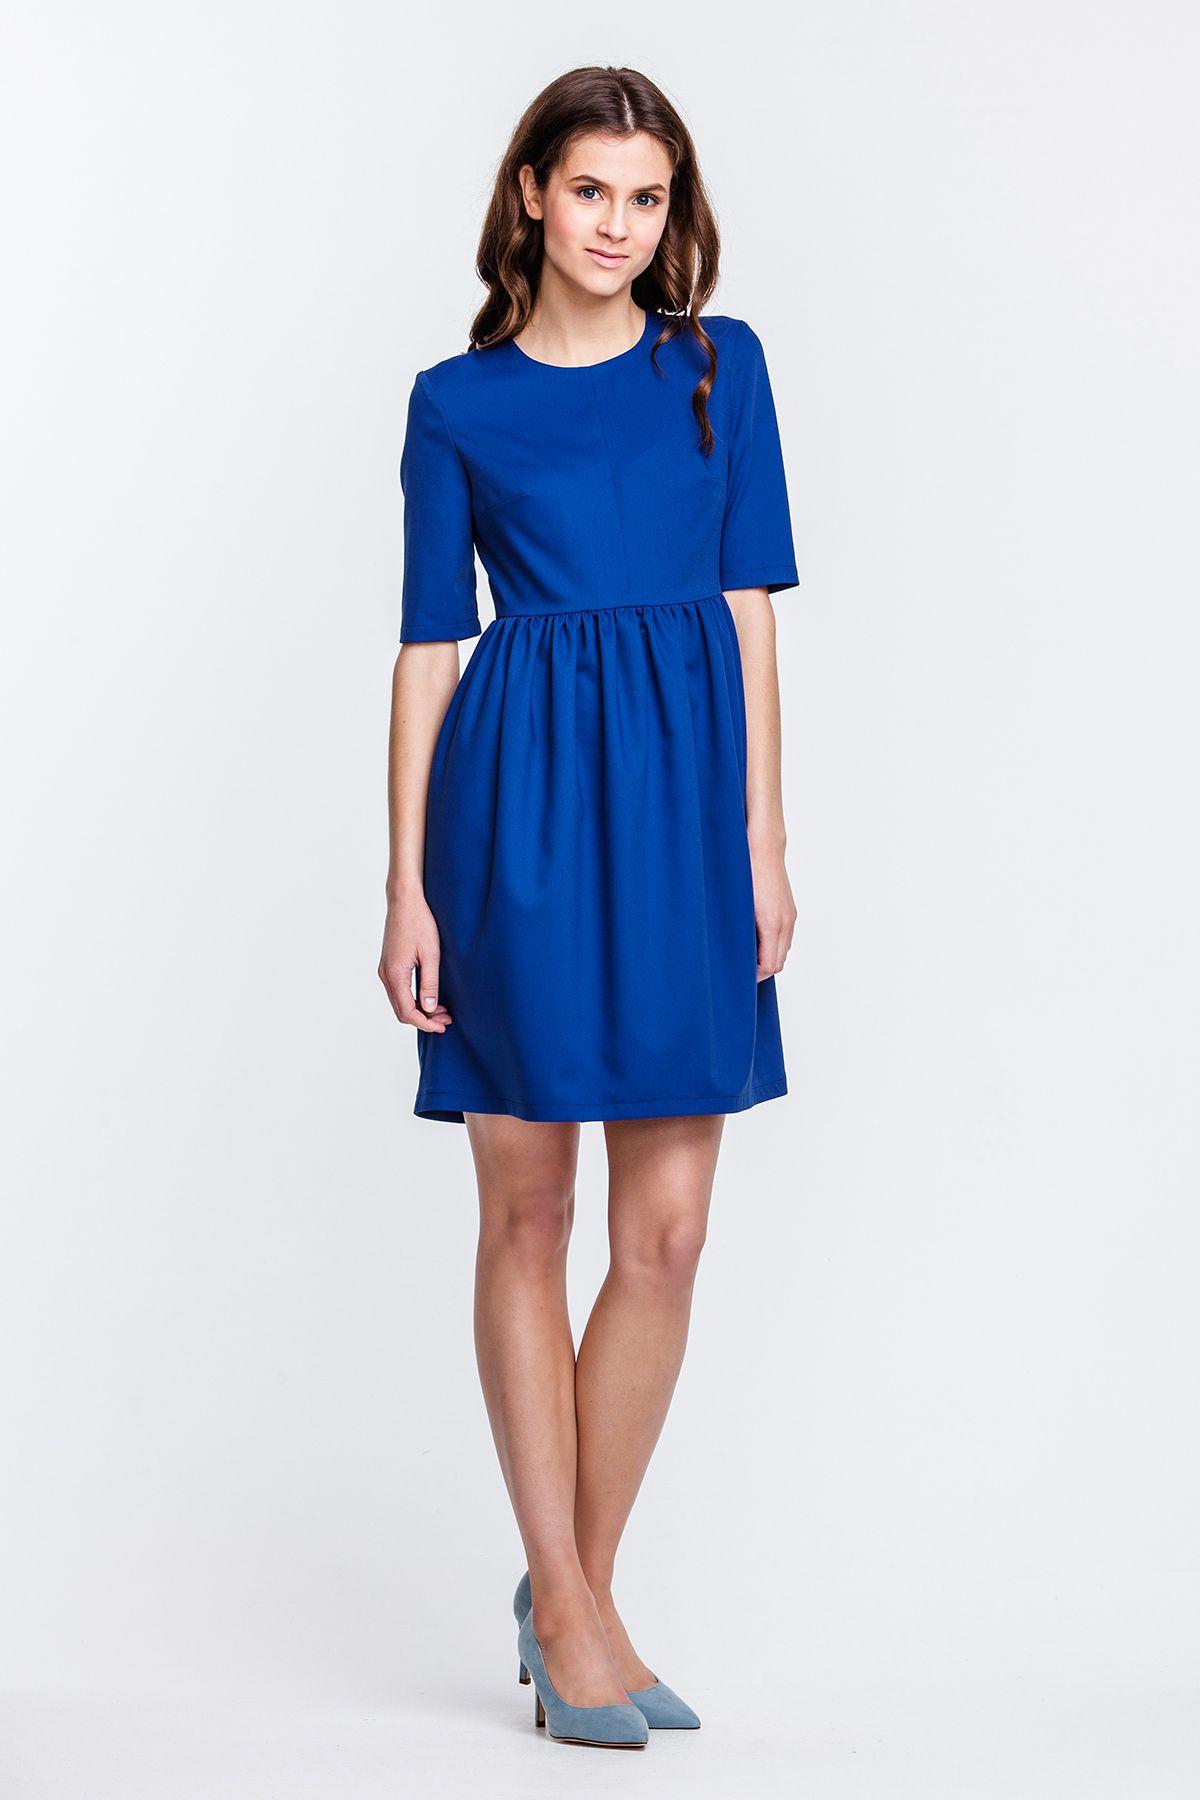 6098bd33c674c19 2347 Платье мини синее, юбка-тюльпан купить в Украине, цена в каталоге  интернет